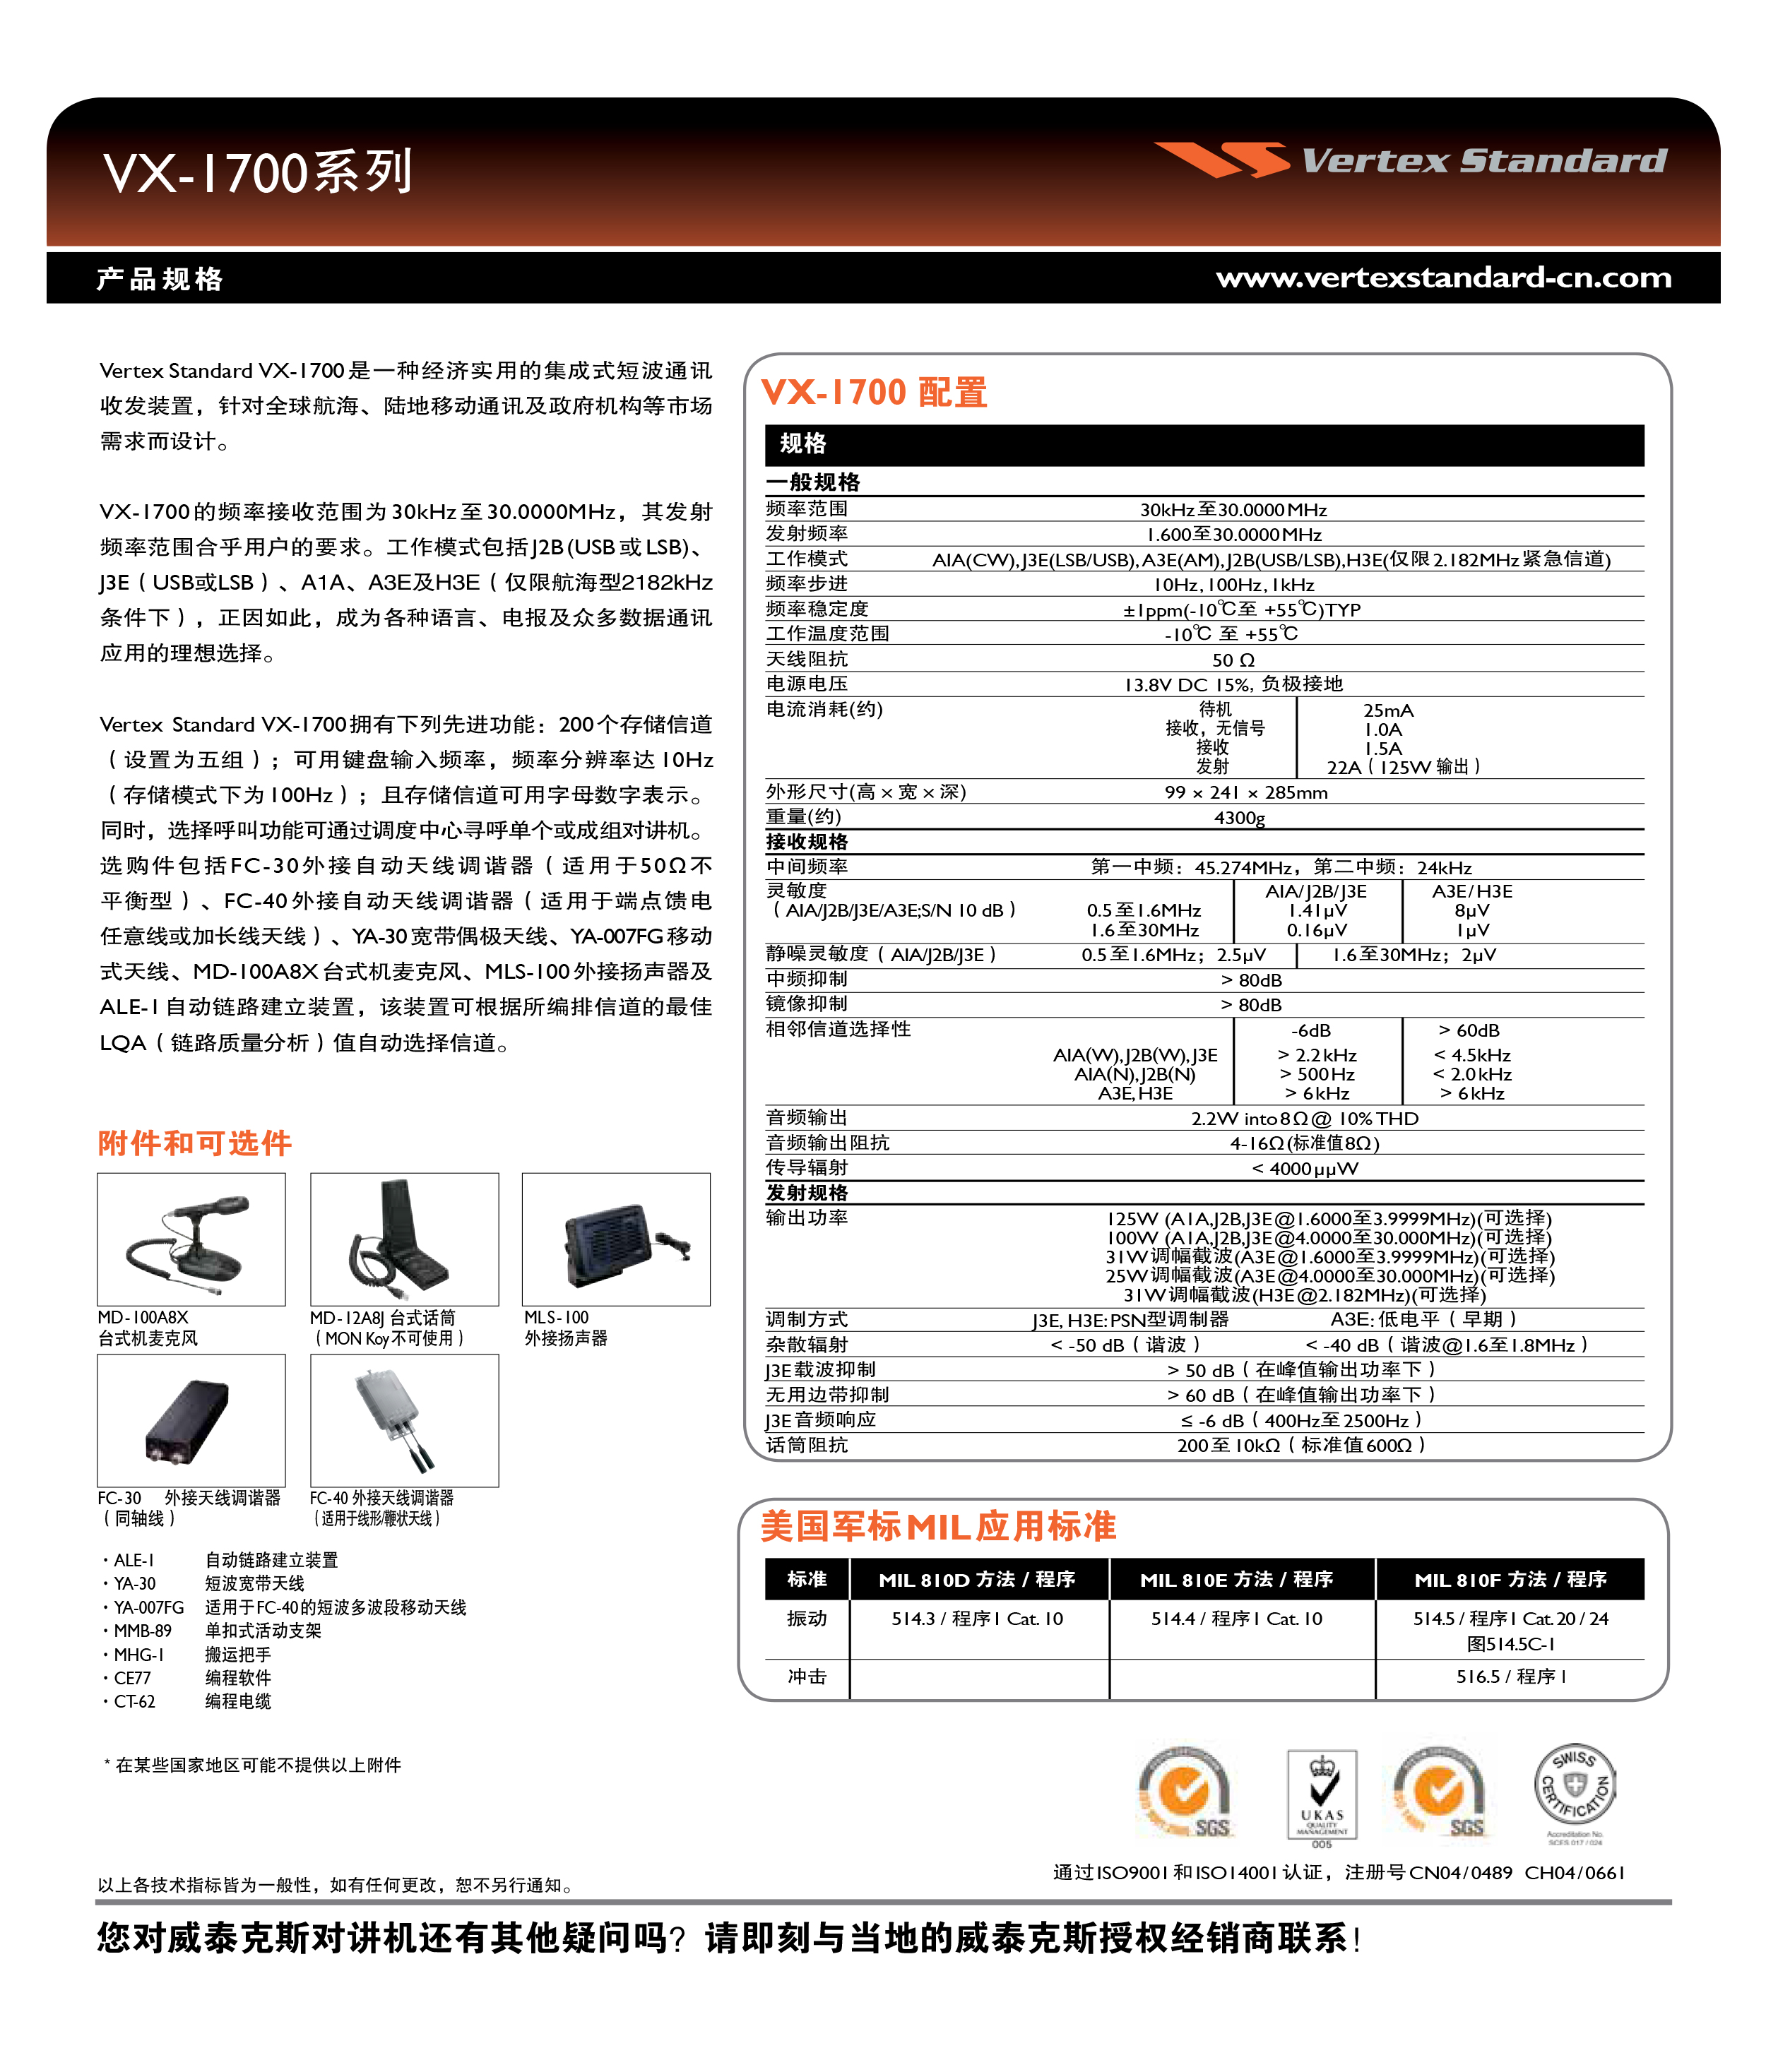 VX-1700彩页_02